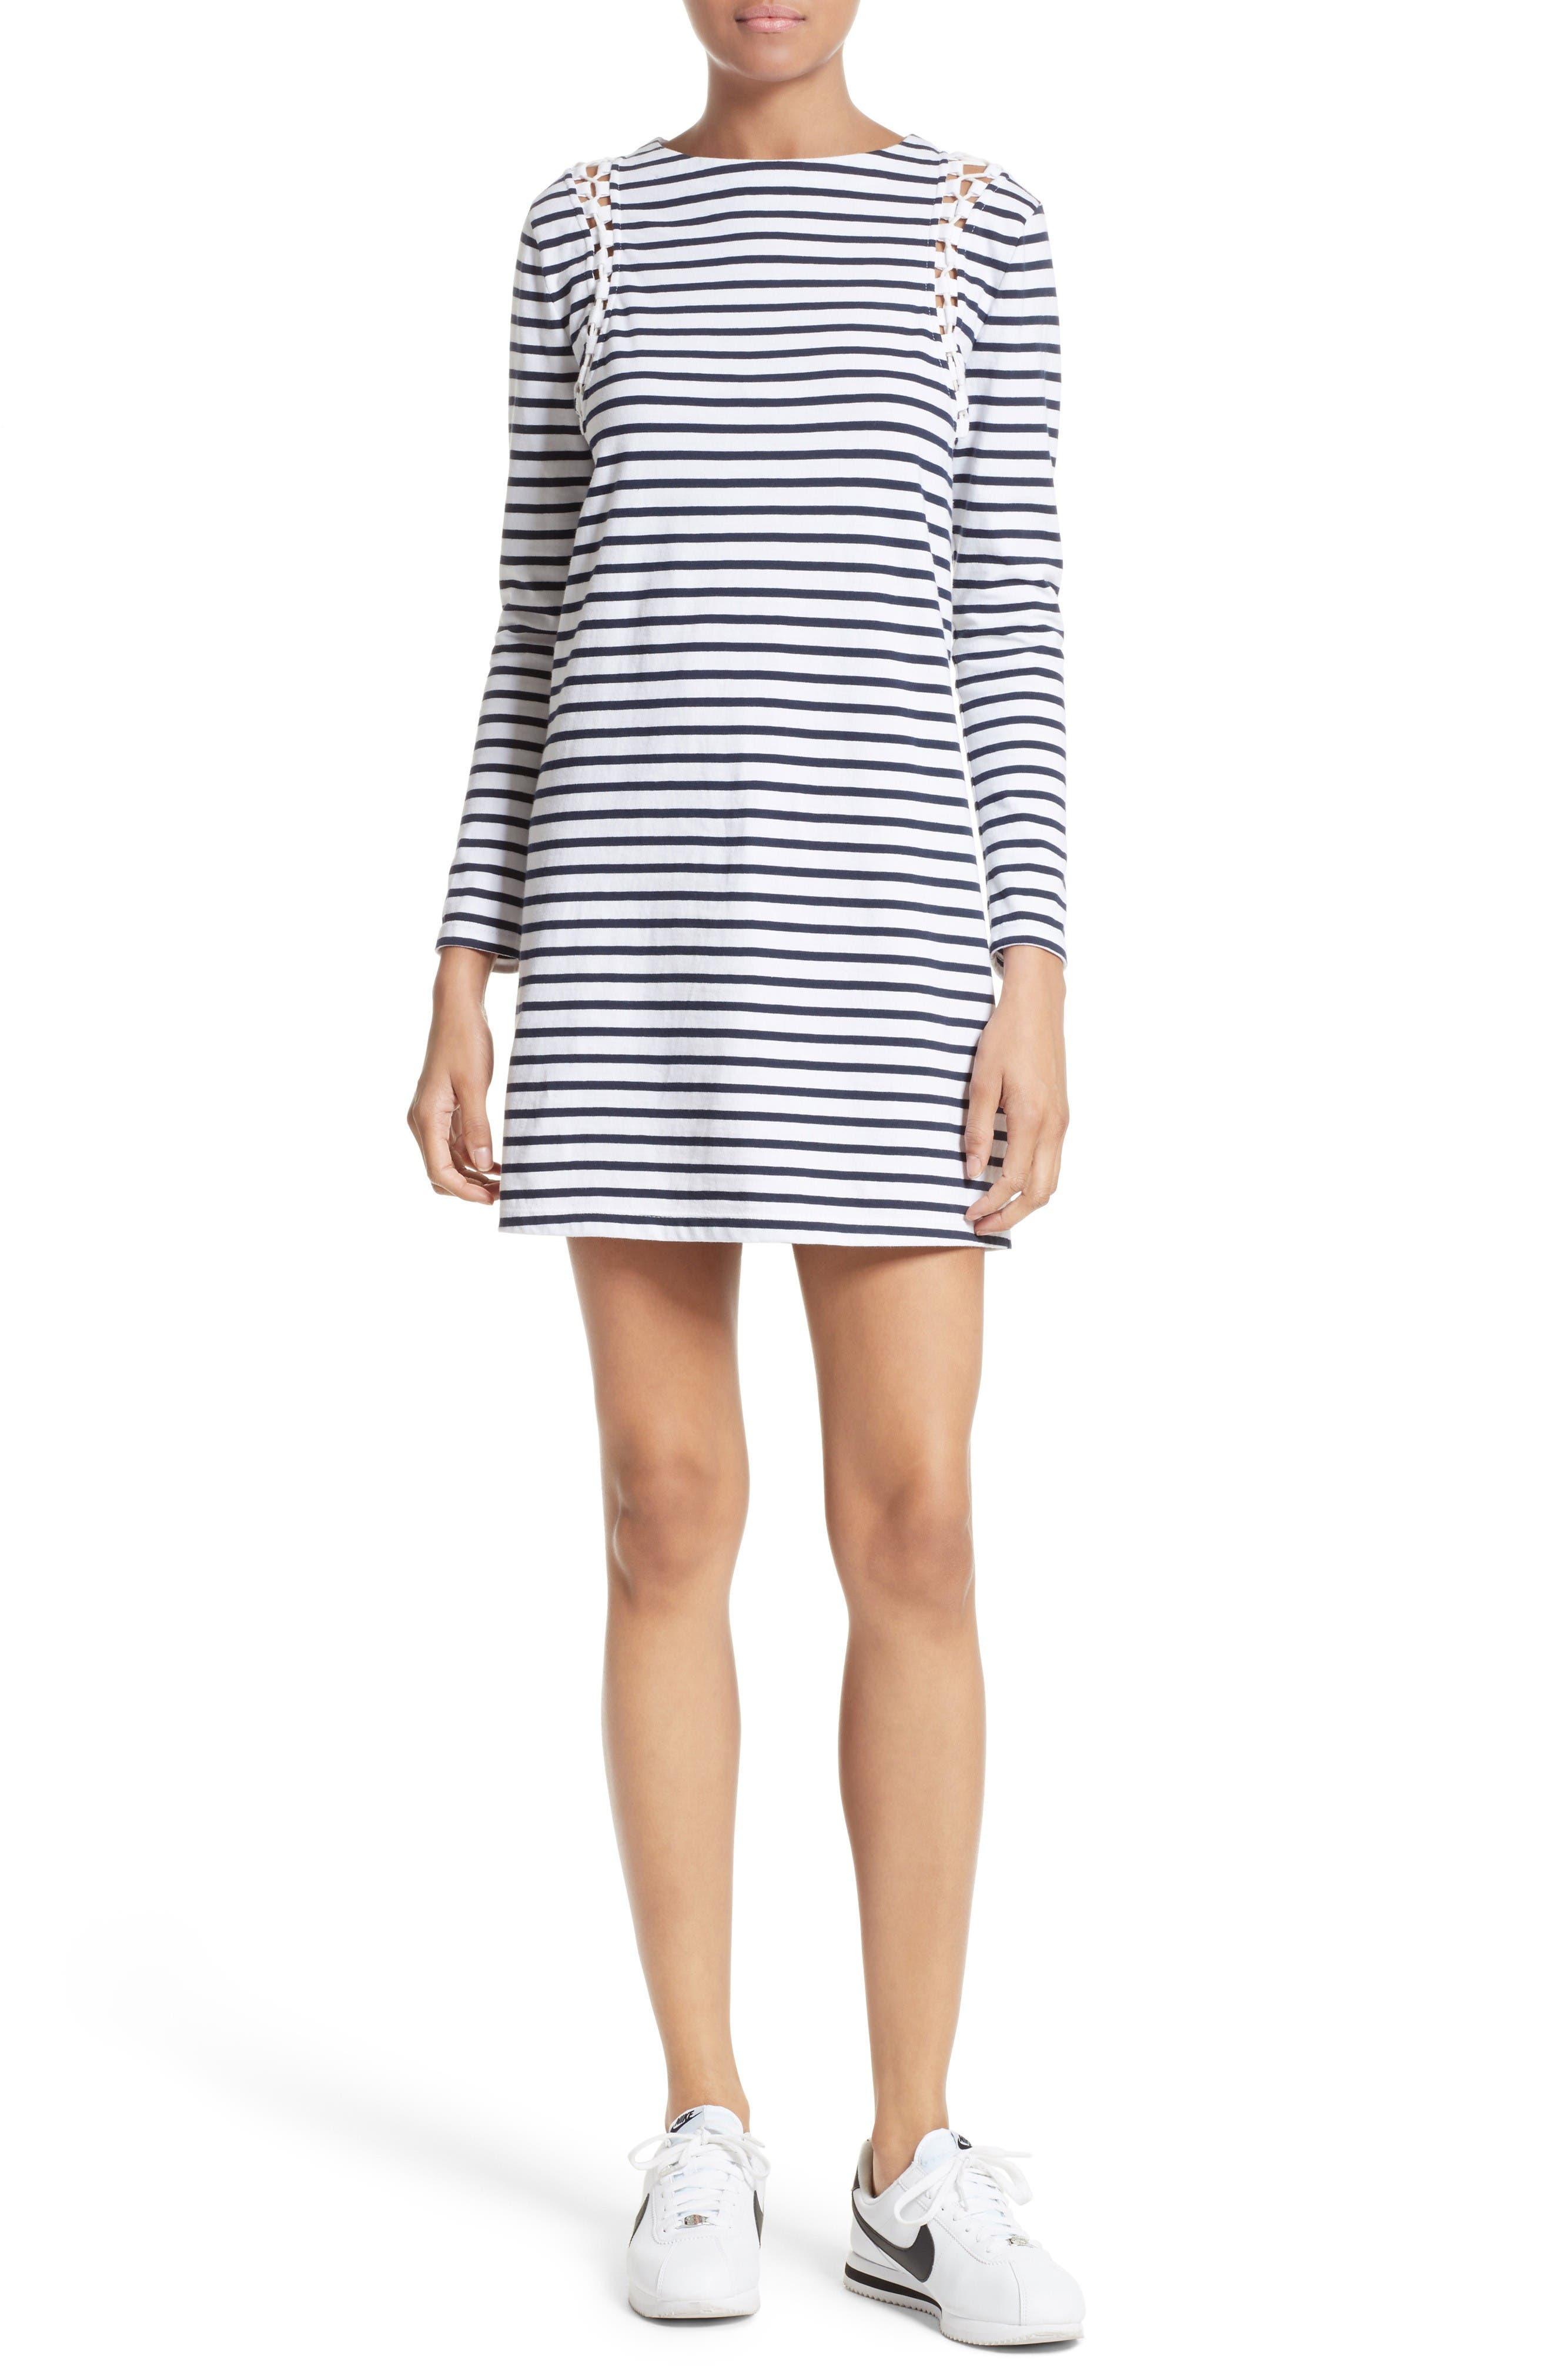 A.L.C. Chapman Stripe Cotton Dress